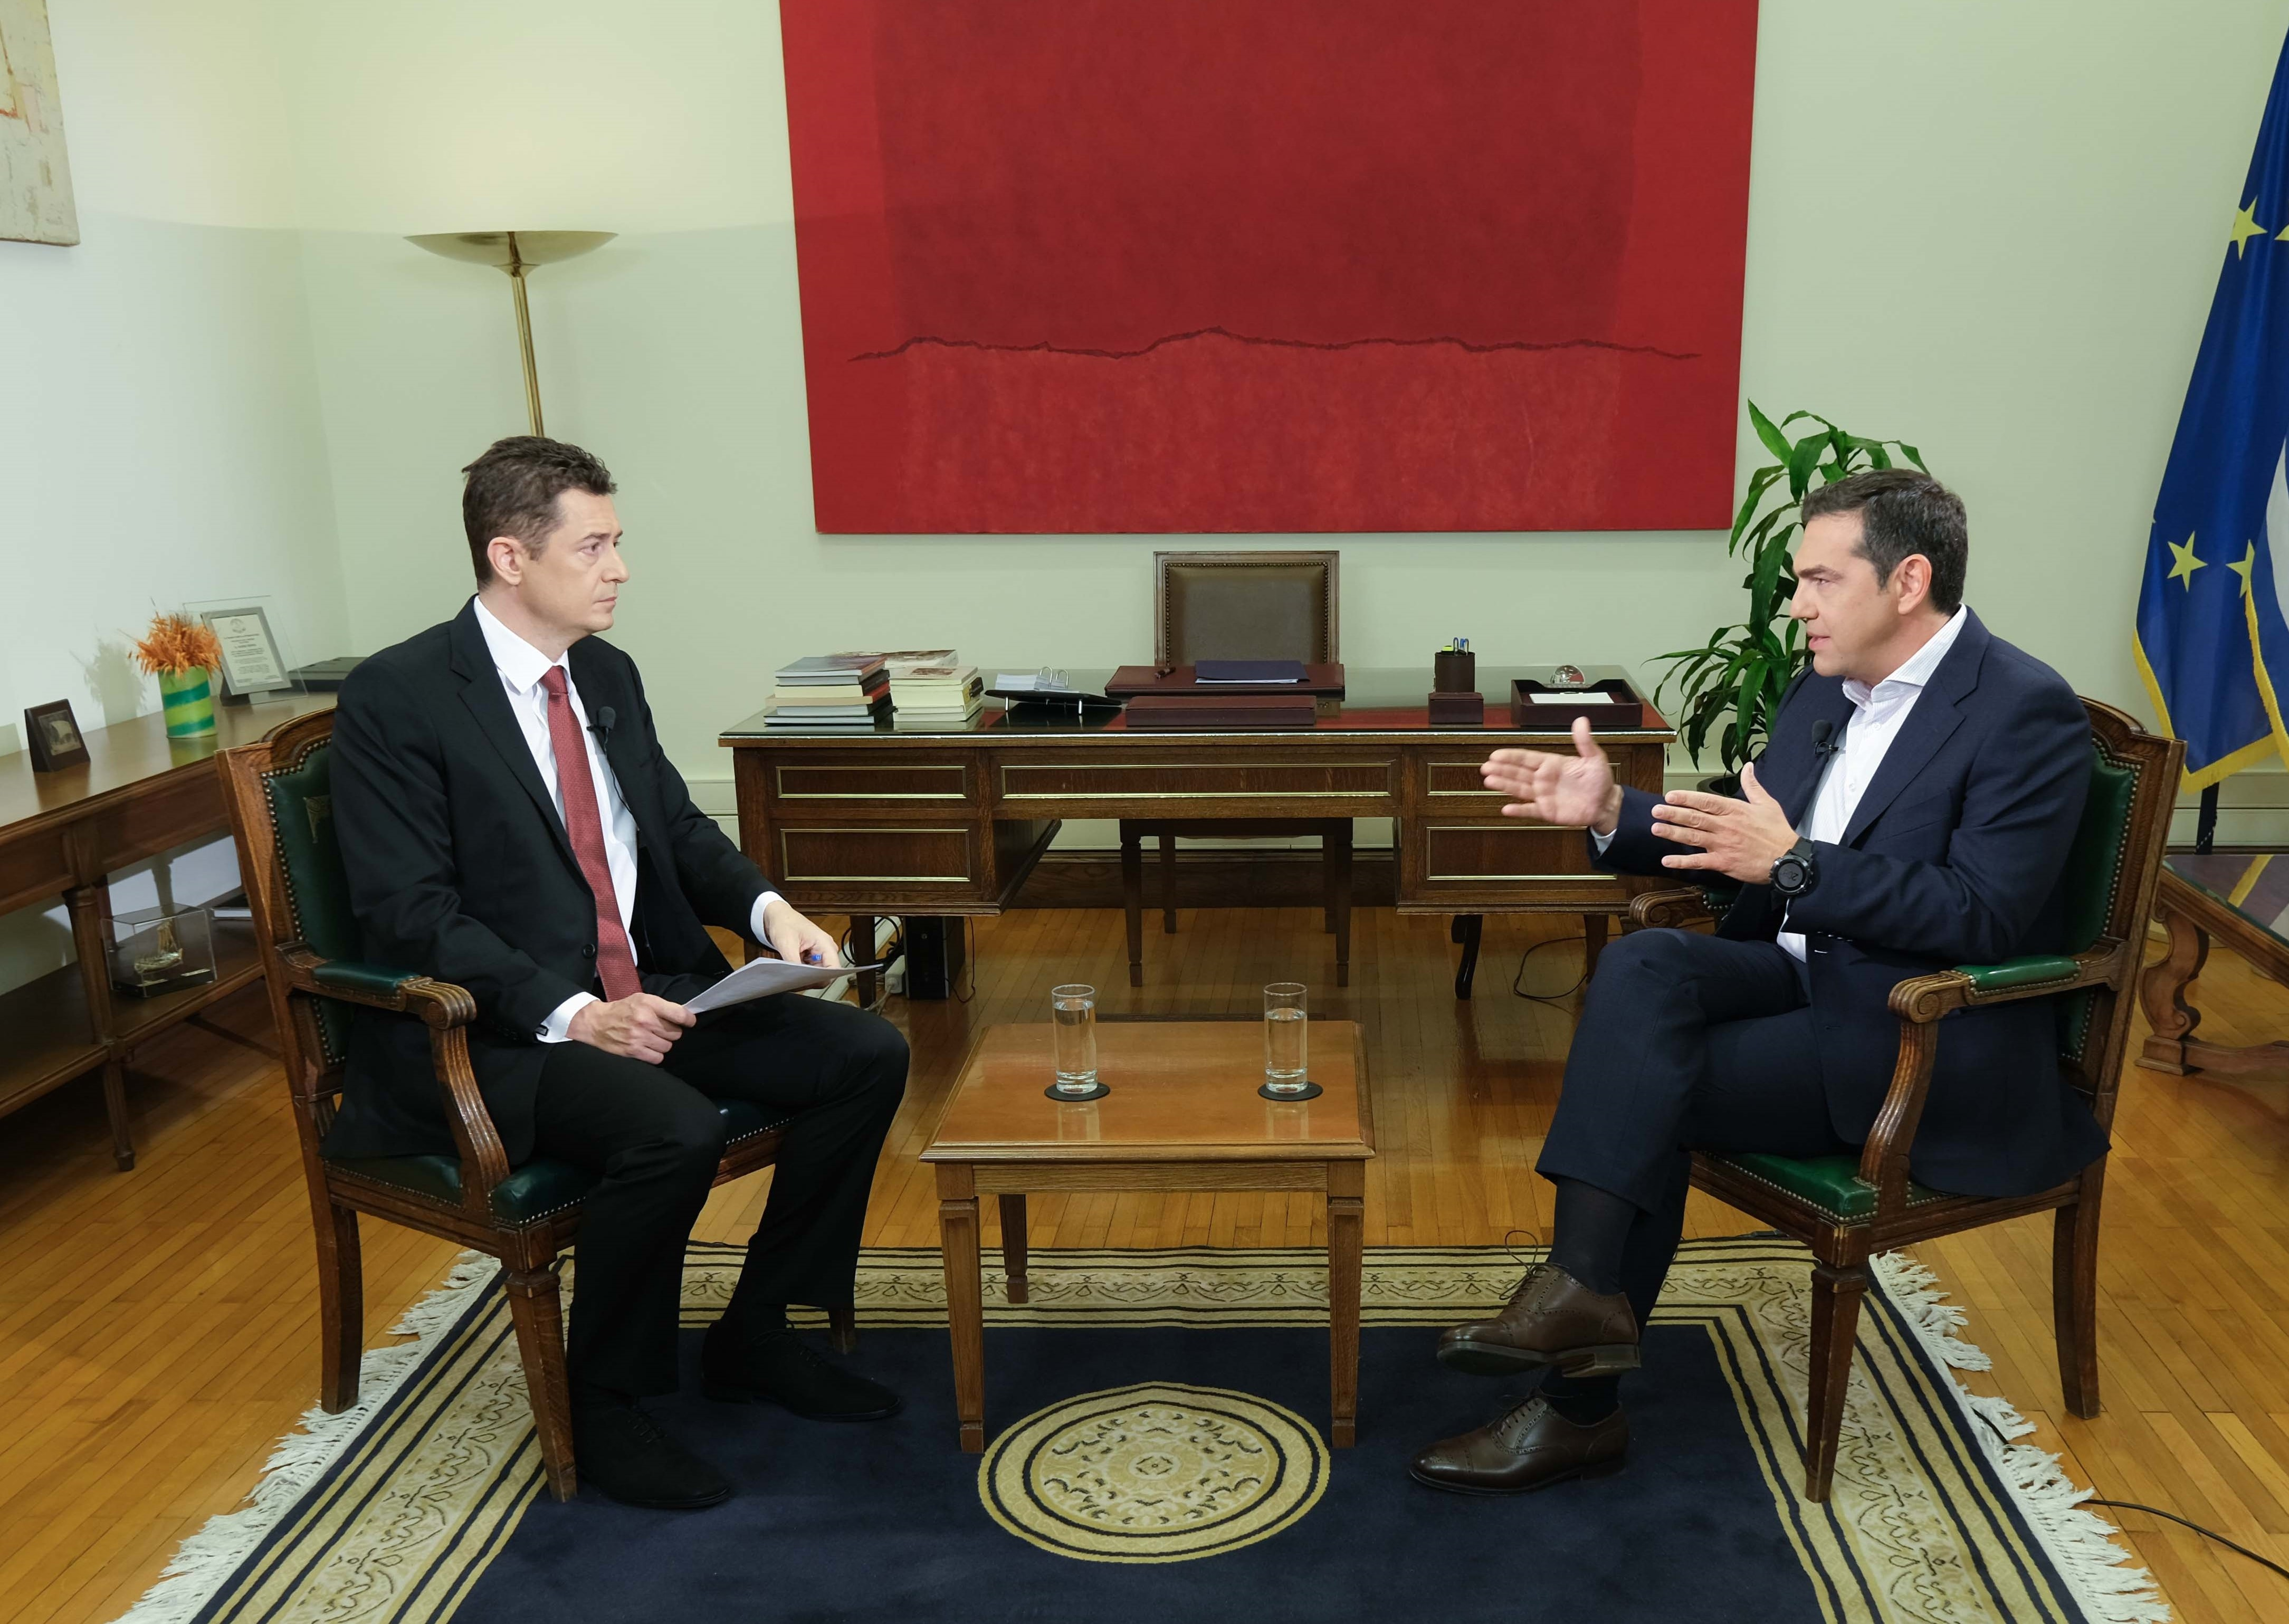 Αλ. Τσίπρας: Ο κ. Μητσοτάκης έχει μολυνθεί από τον ιό της αλαζονείας και δεν κατανοεί τις δυσκολίες των πολιτών